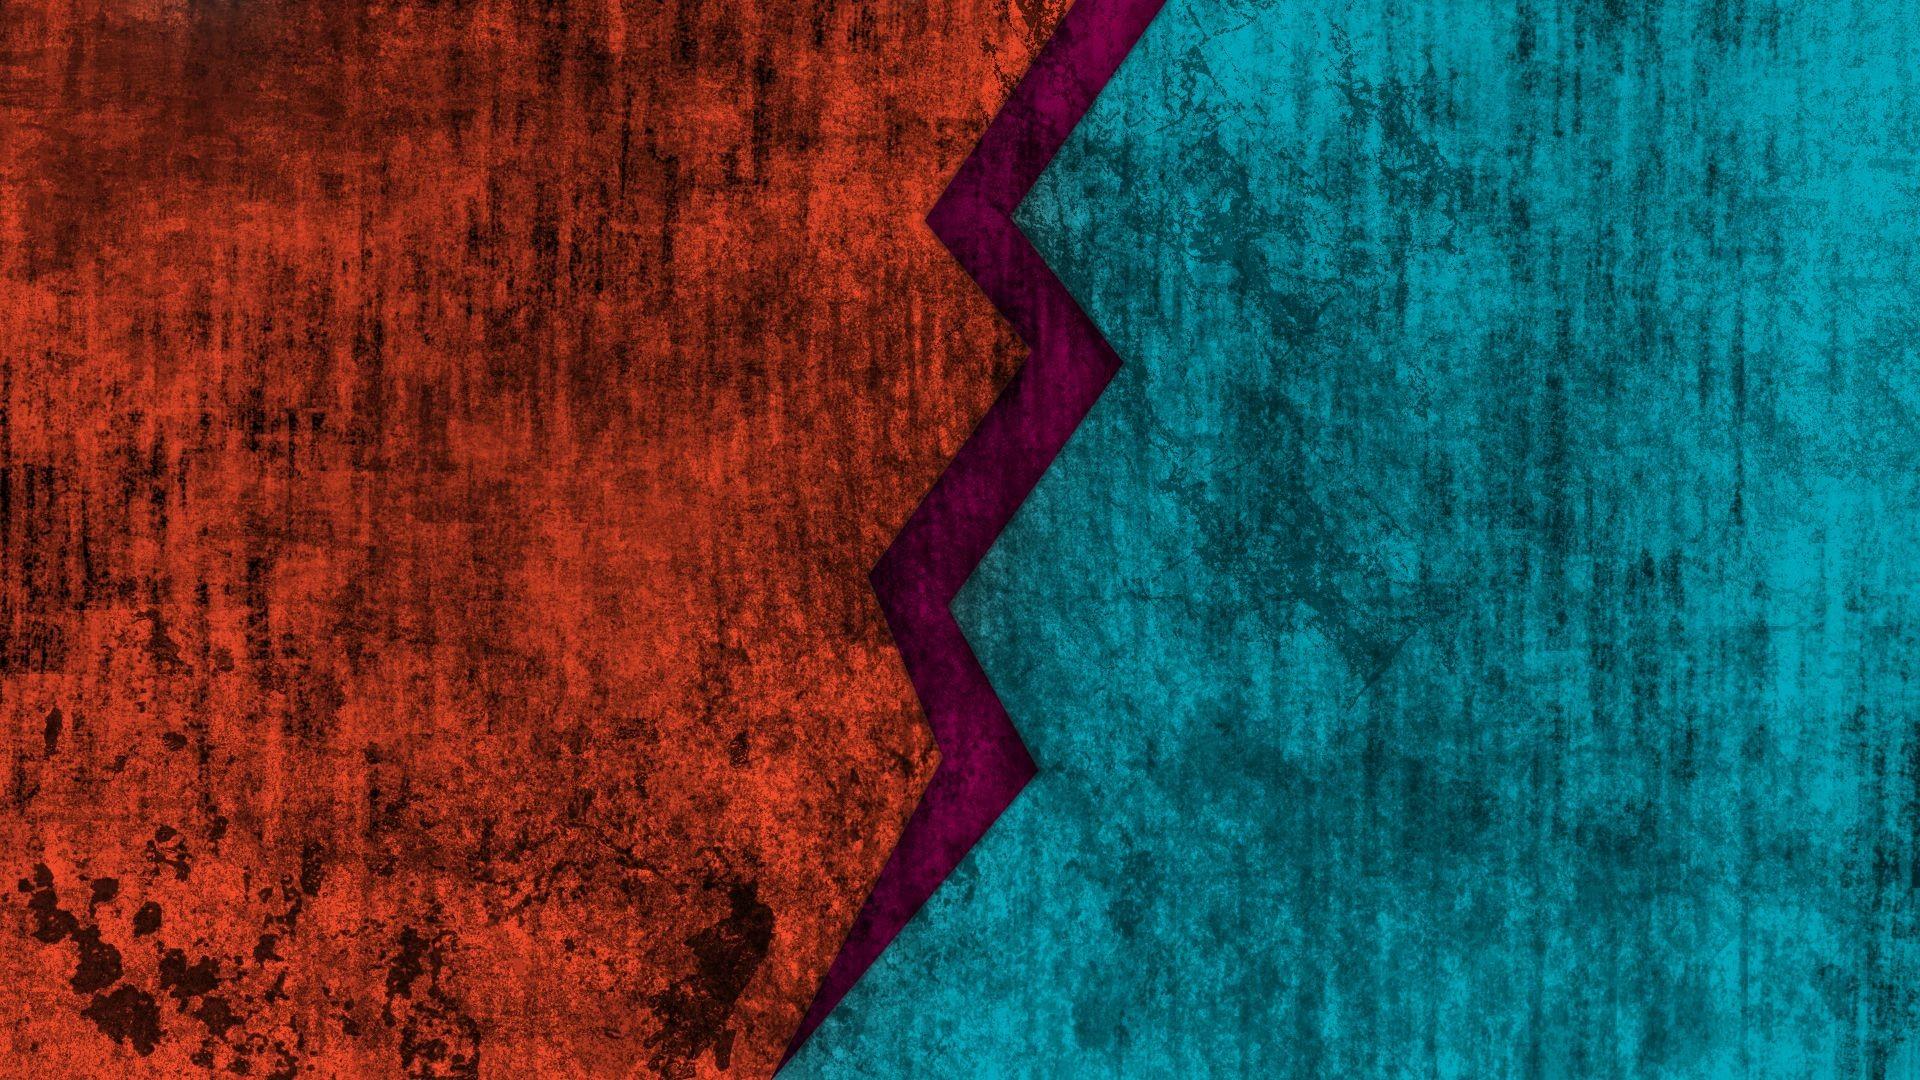 Red VS Blue by JasiahGeizer on DeviantArt